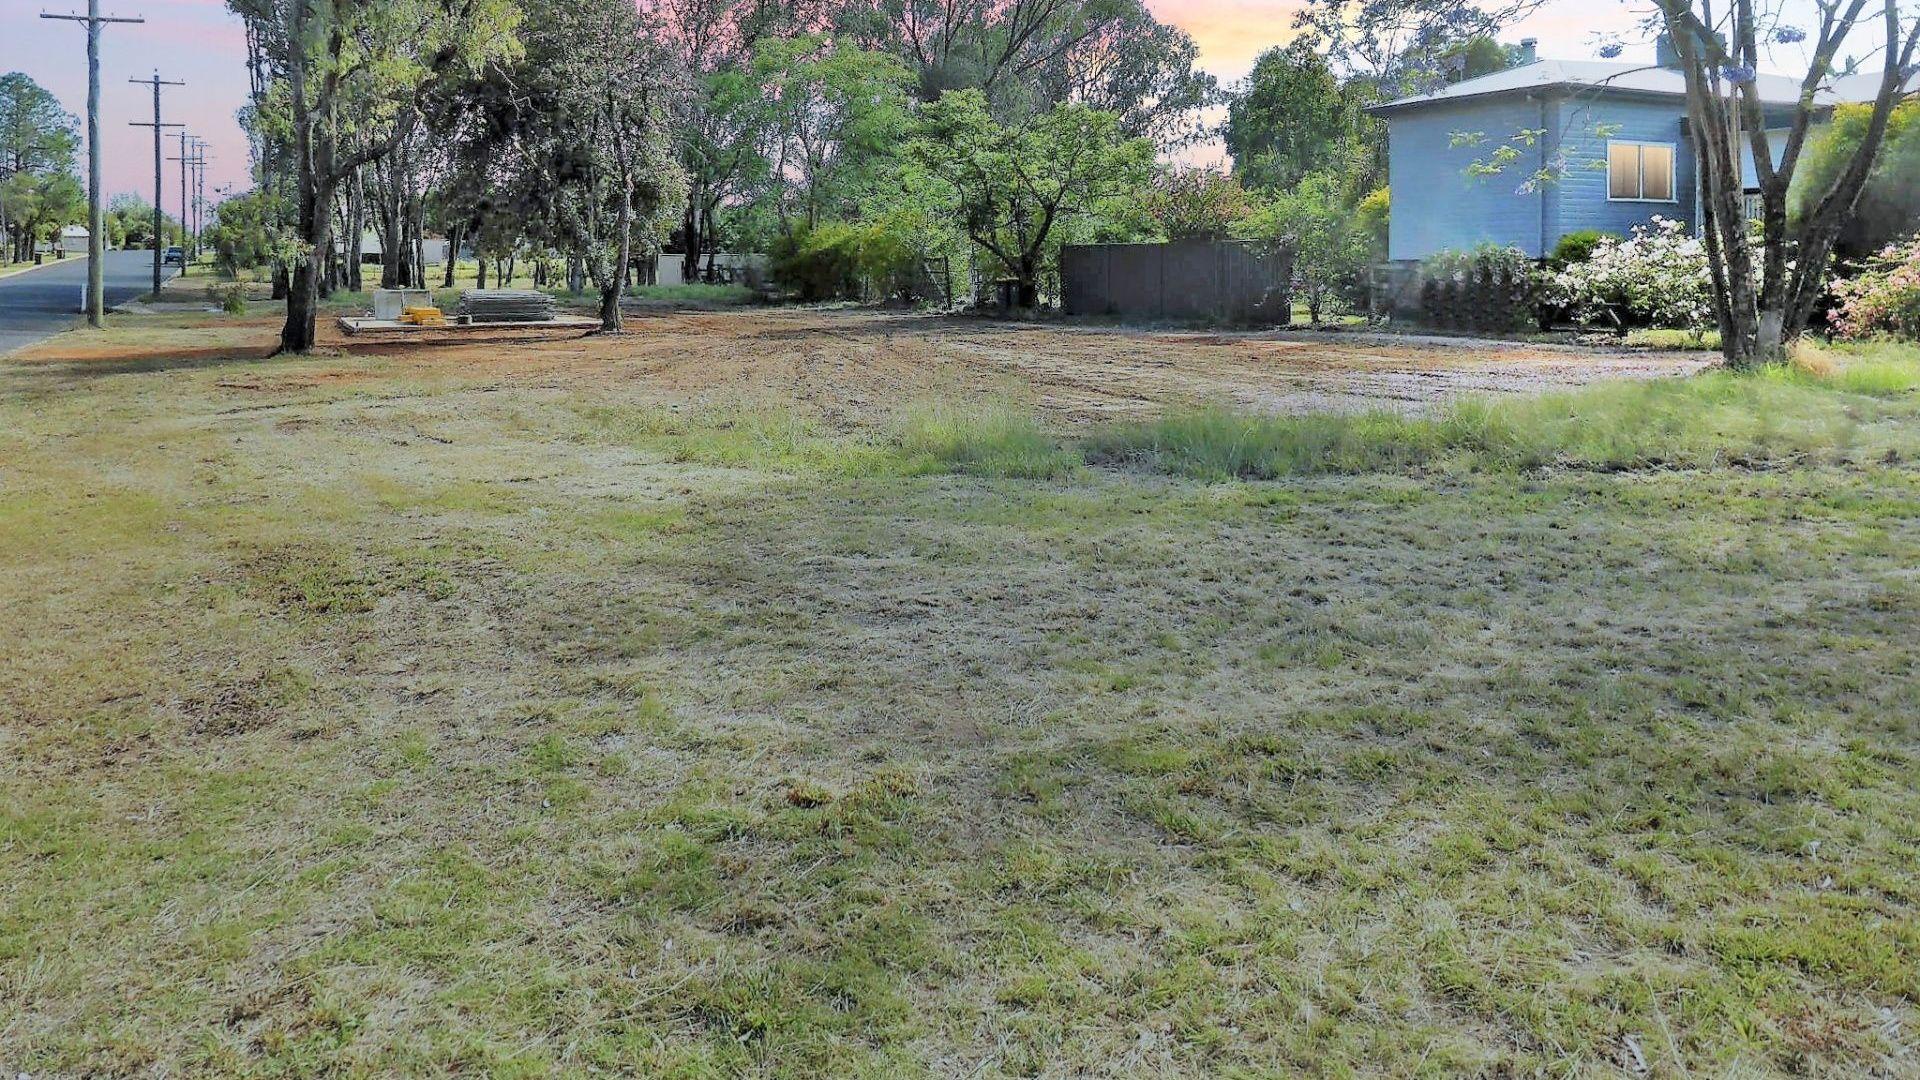 35 Hypatia Street, Chinchilla QLD 4413, Image 1